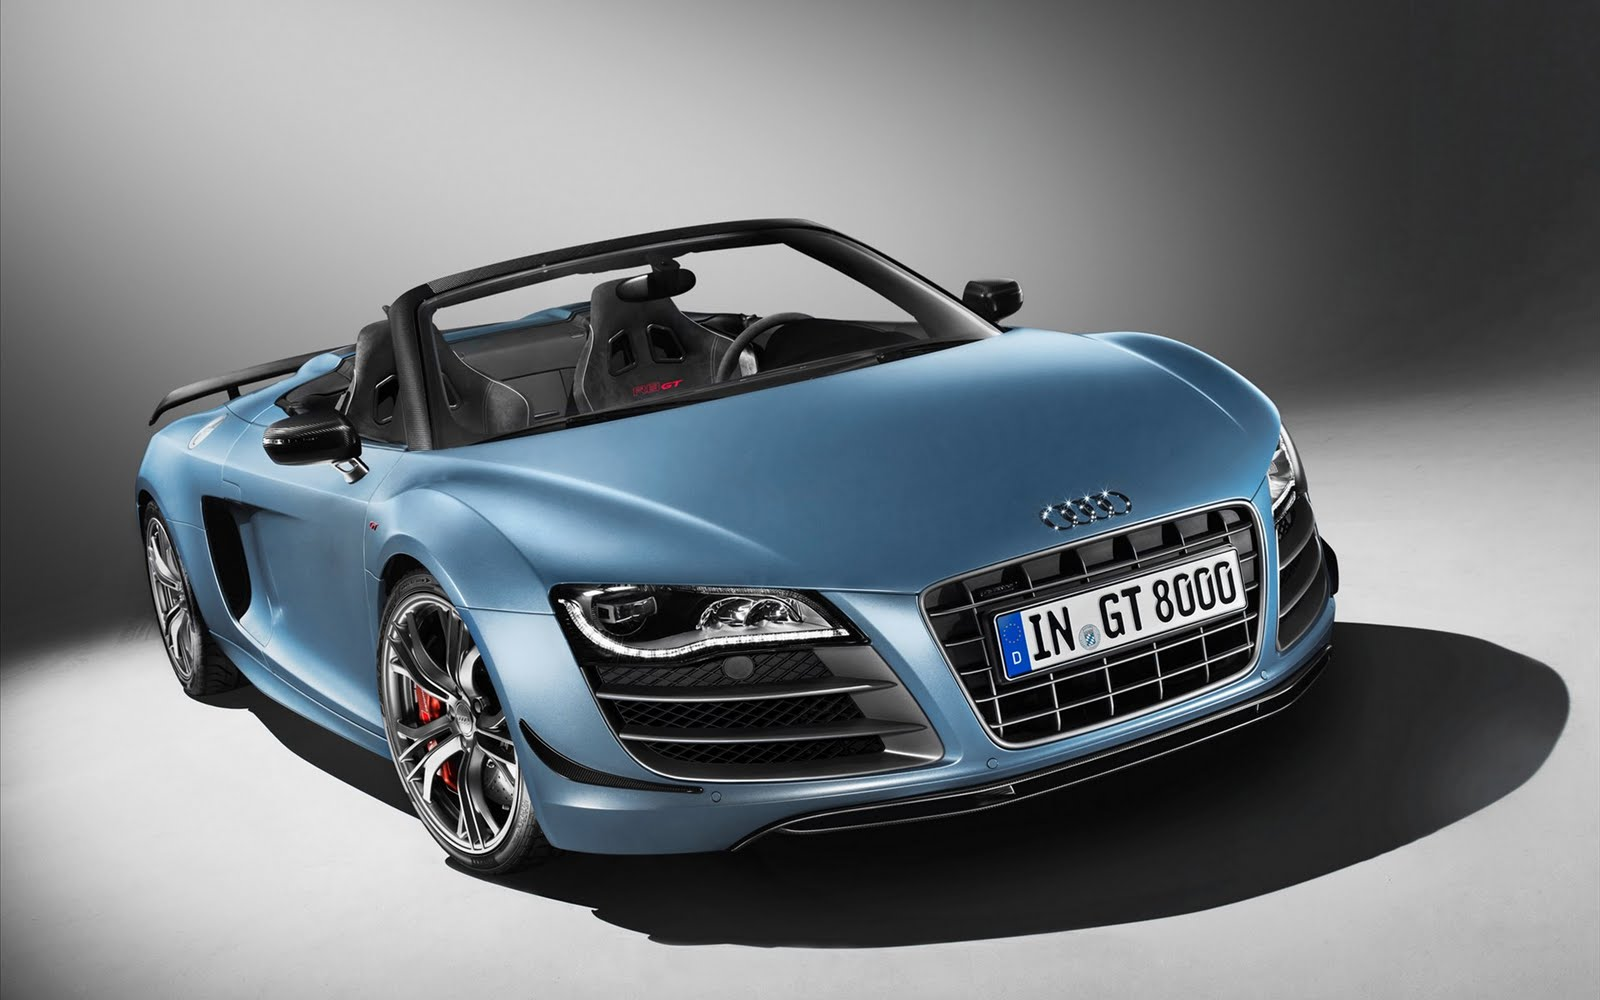 Audi R8 GT Spyder 2012 ~ Automotive Todays